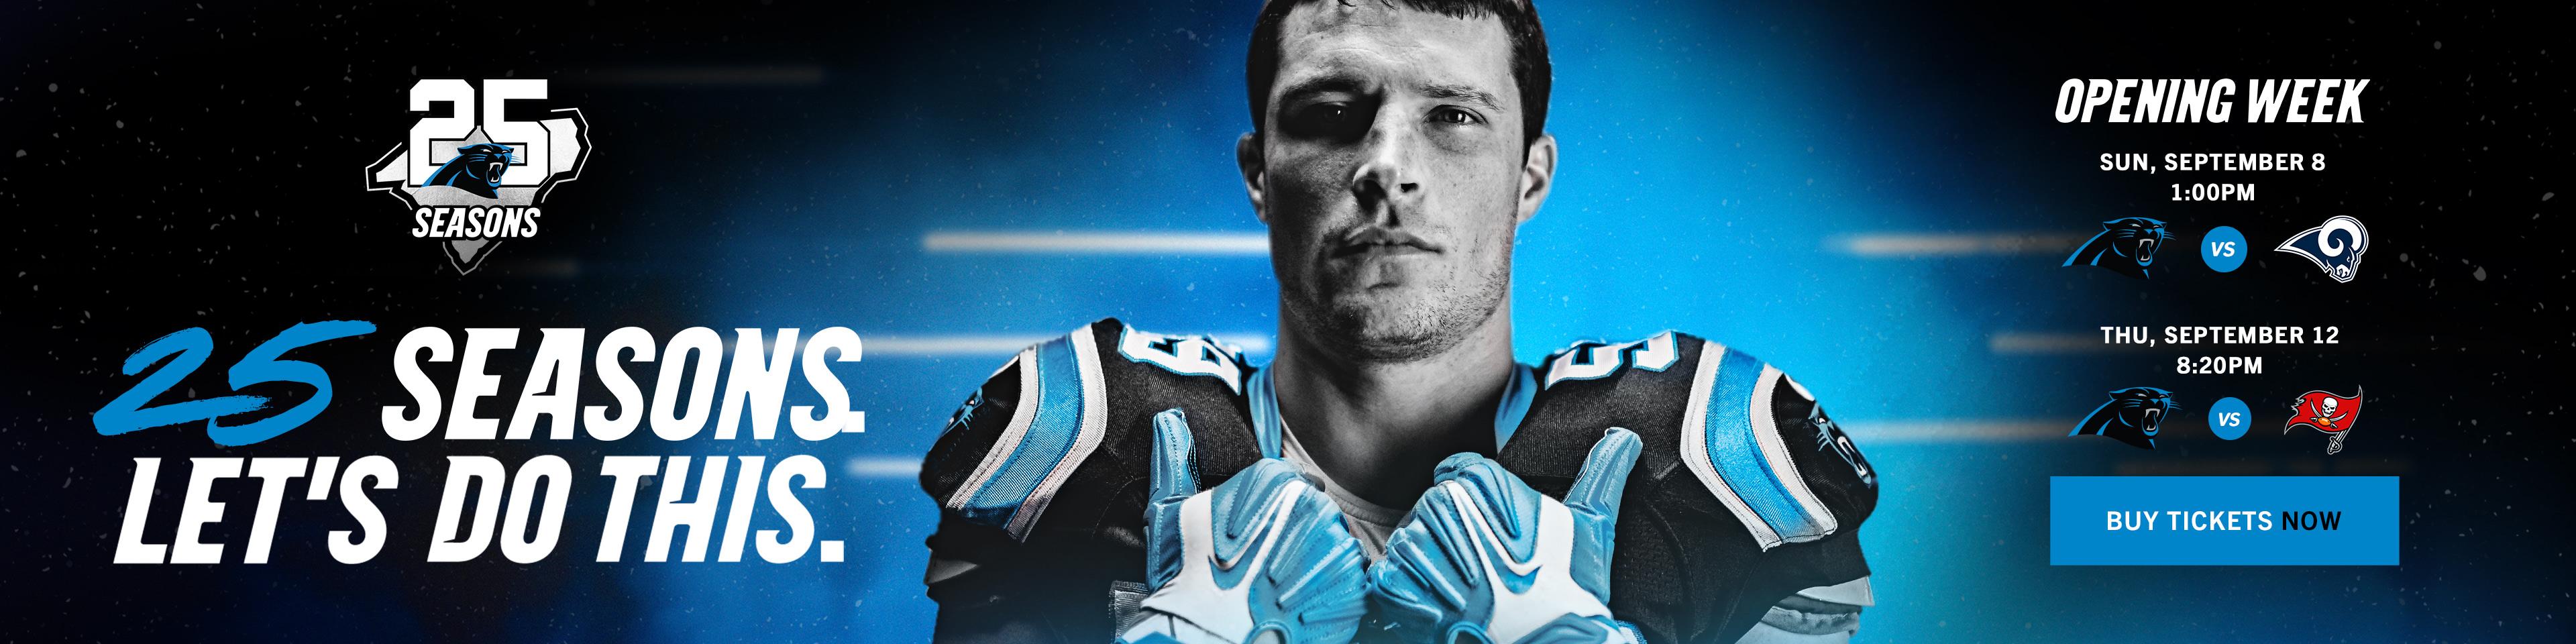 Single Game Tickets | Carolina Panthers - Panthers com